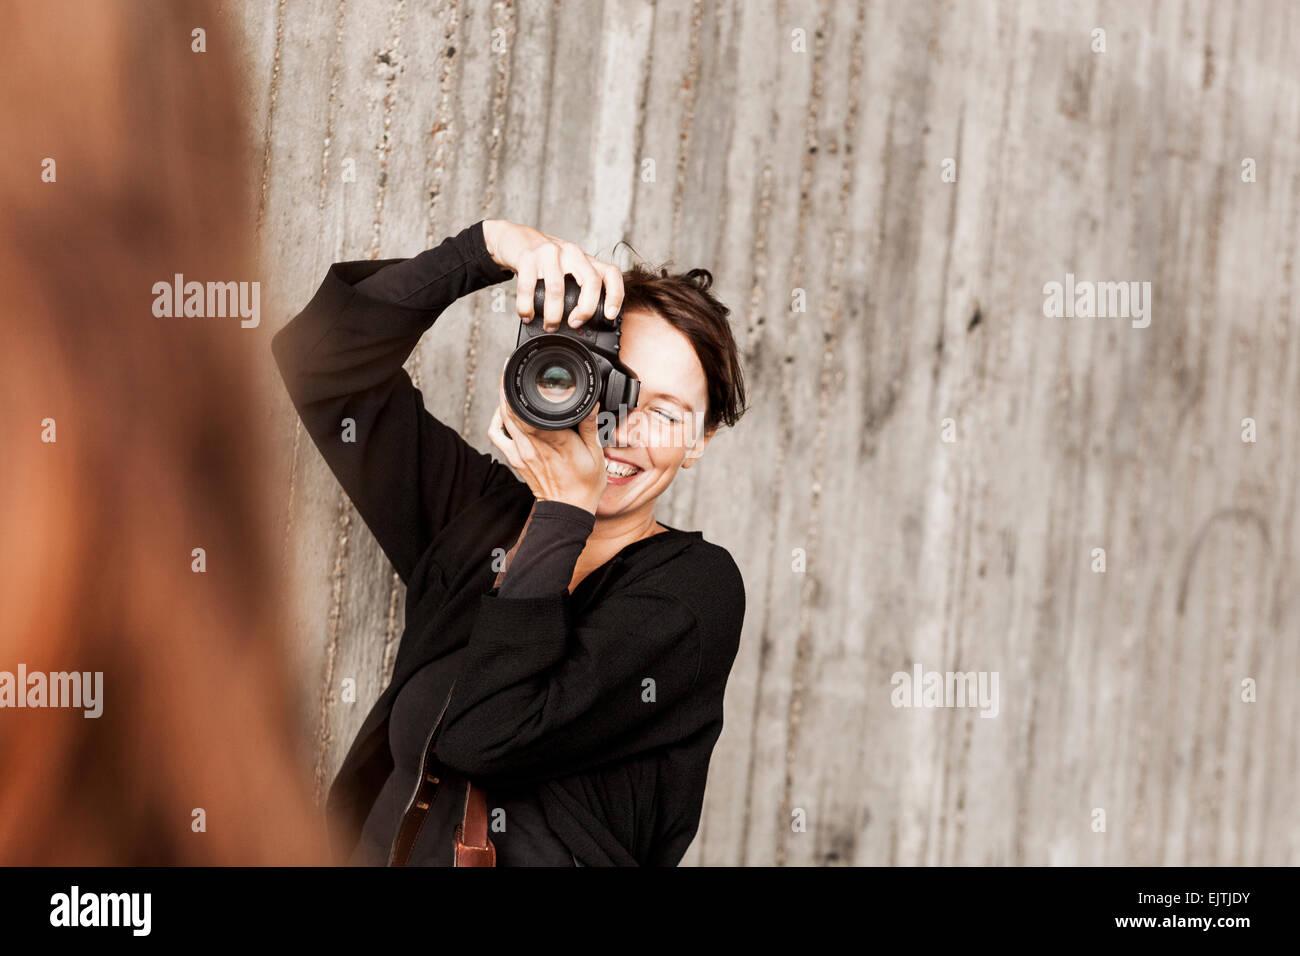 Donna felice fotografare amico contro la parete Immagini Stock